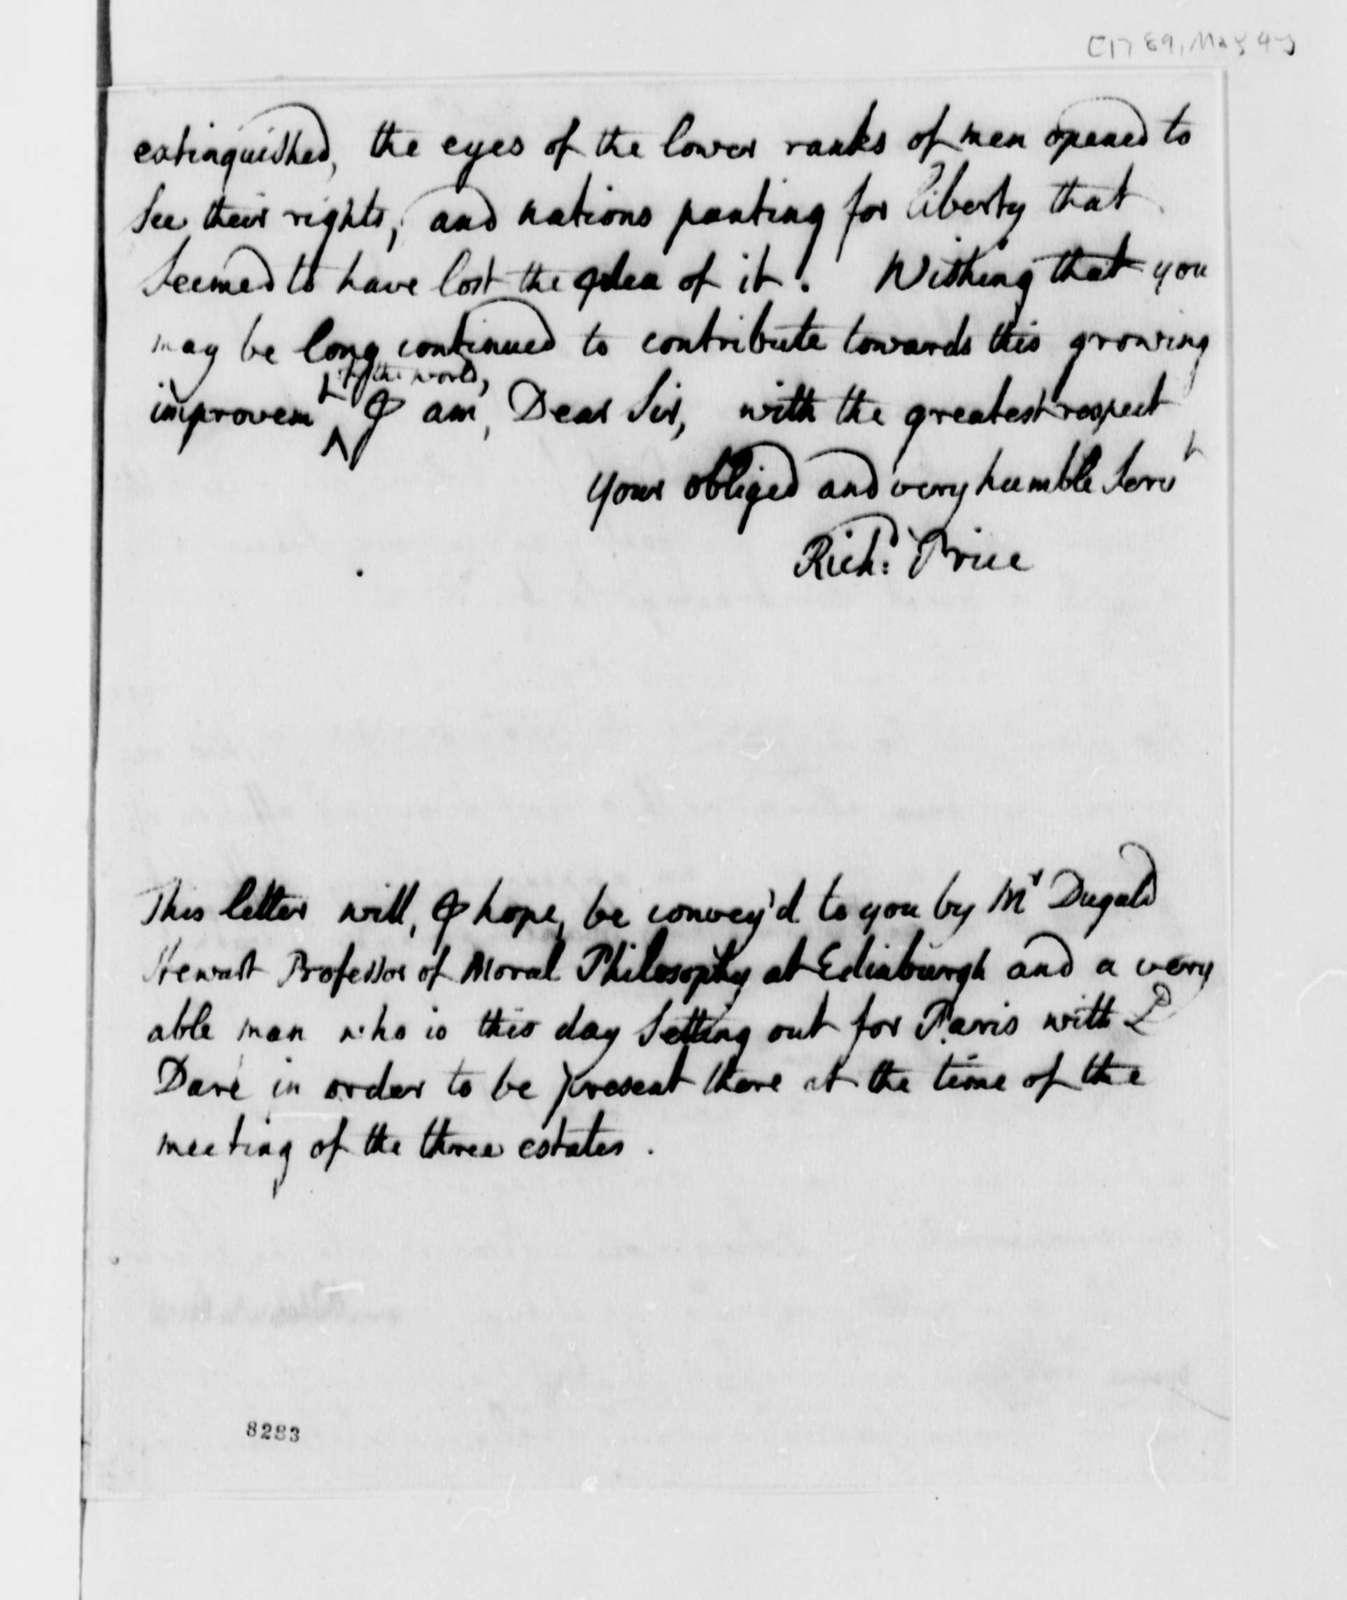 Richard Price to Thomas Jefferson, May 4, 1789